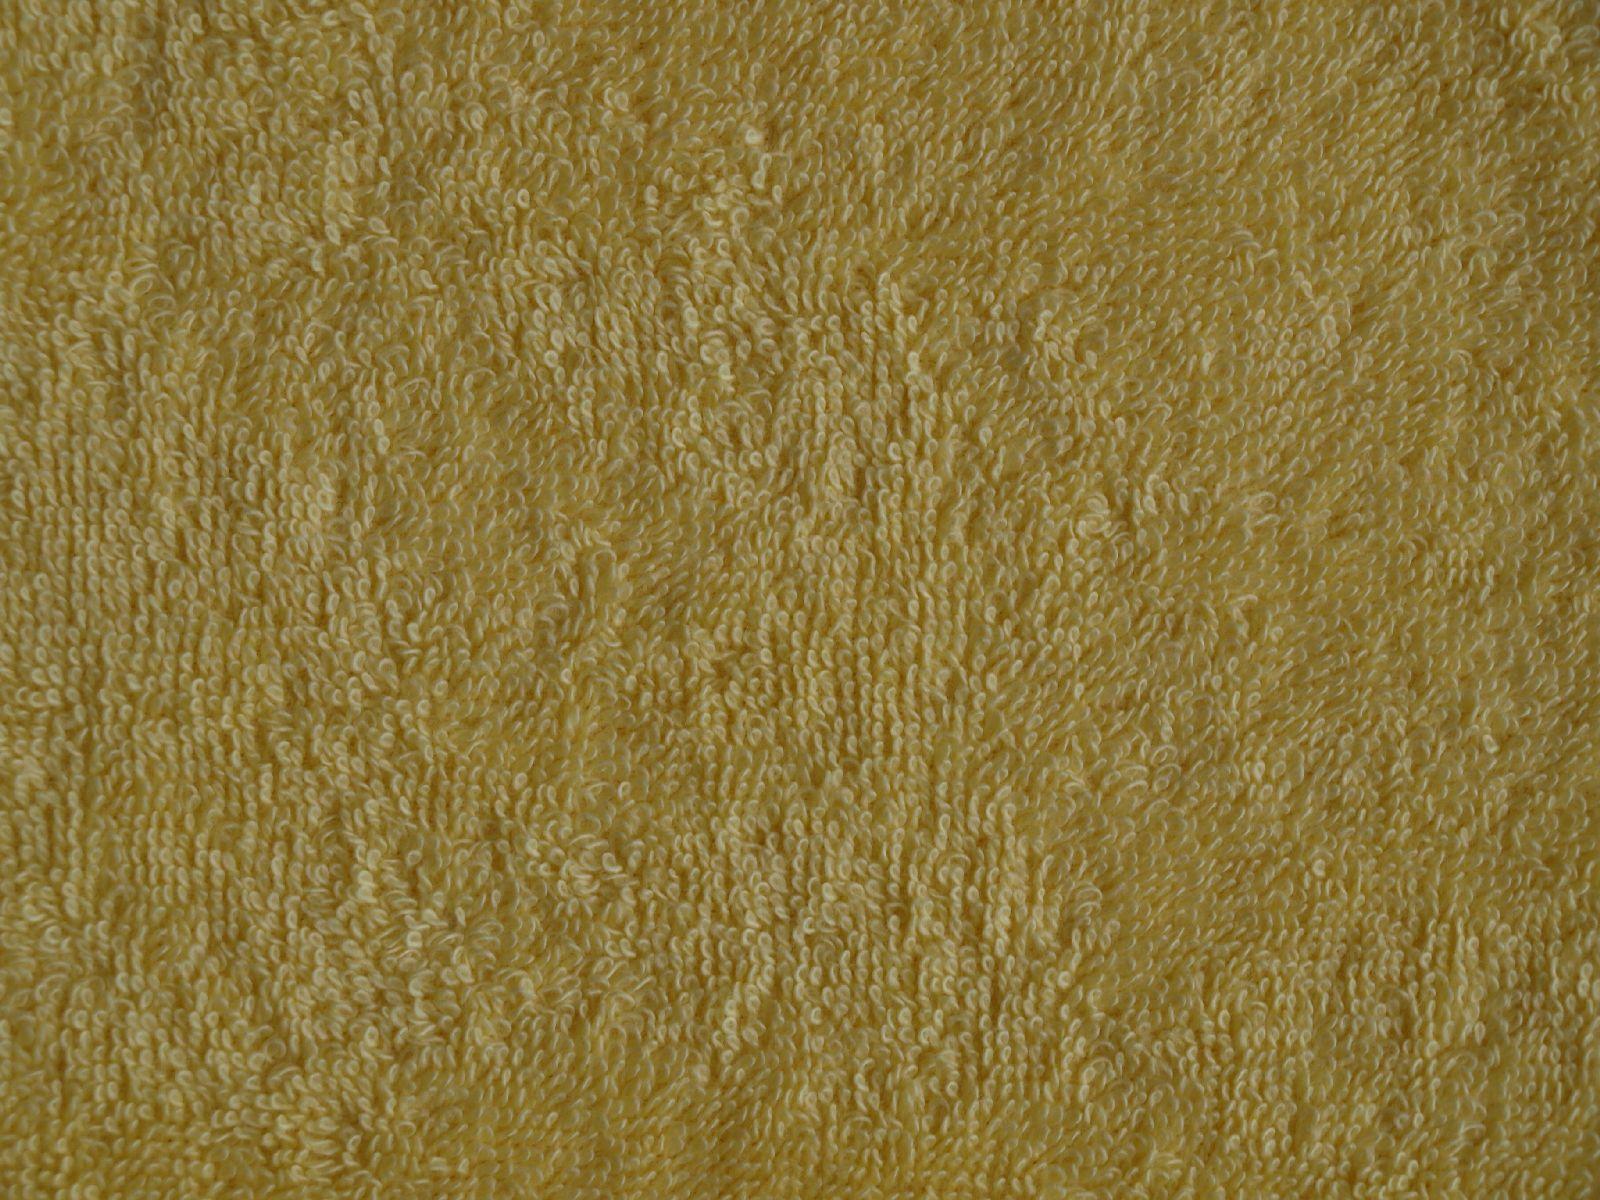 Innenraum-Material_Textur_A_P4131024